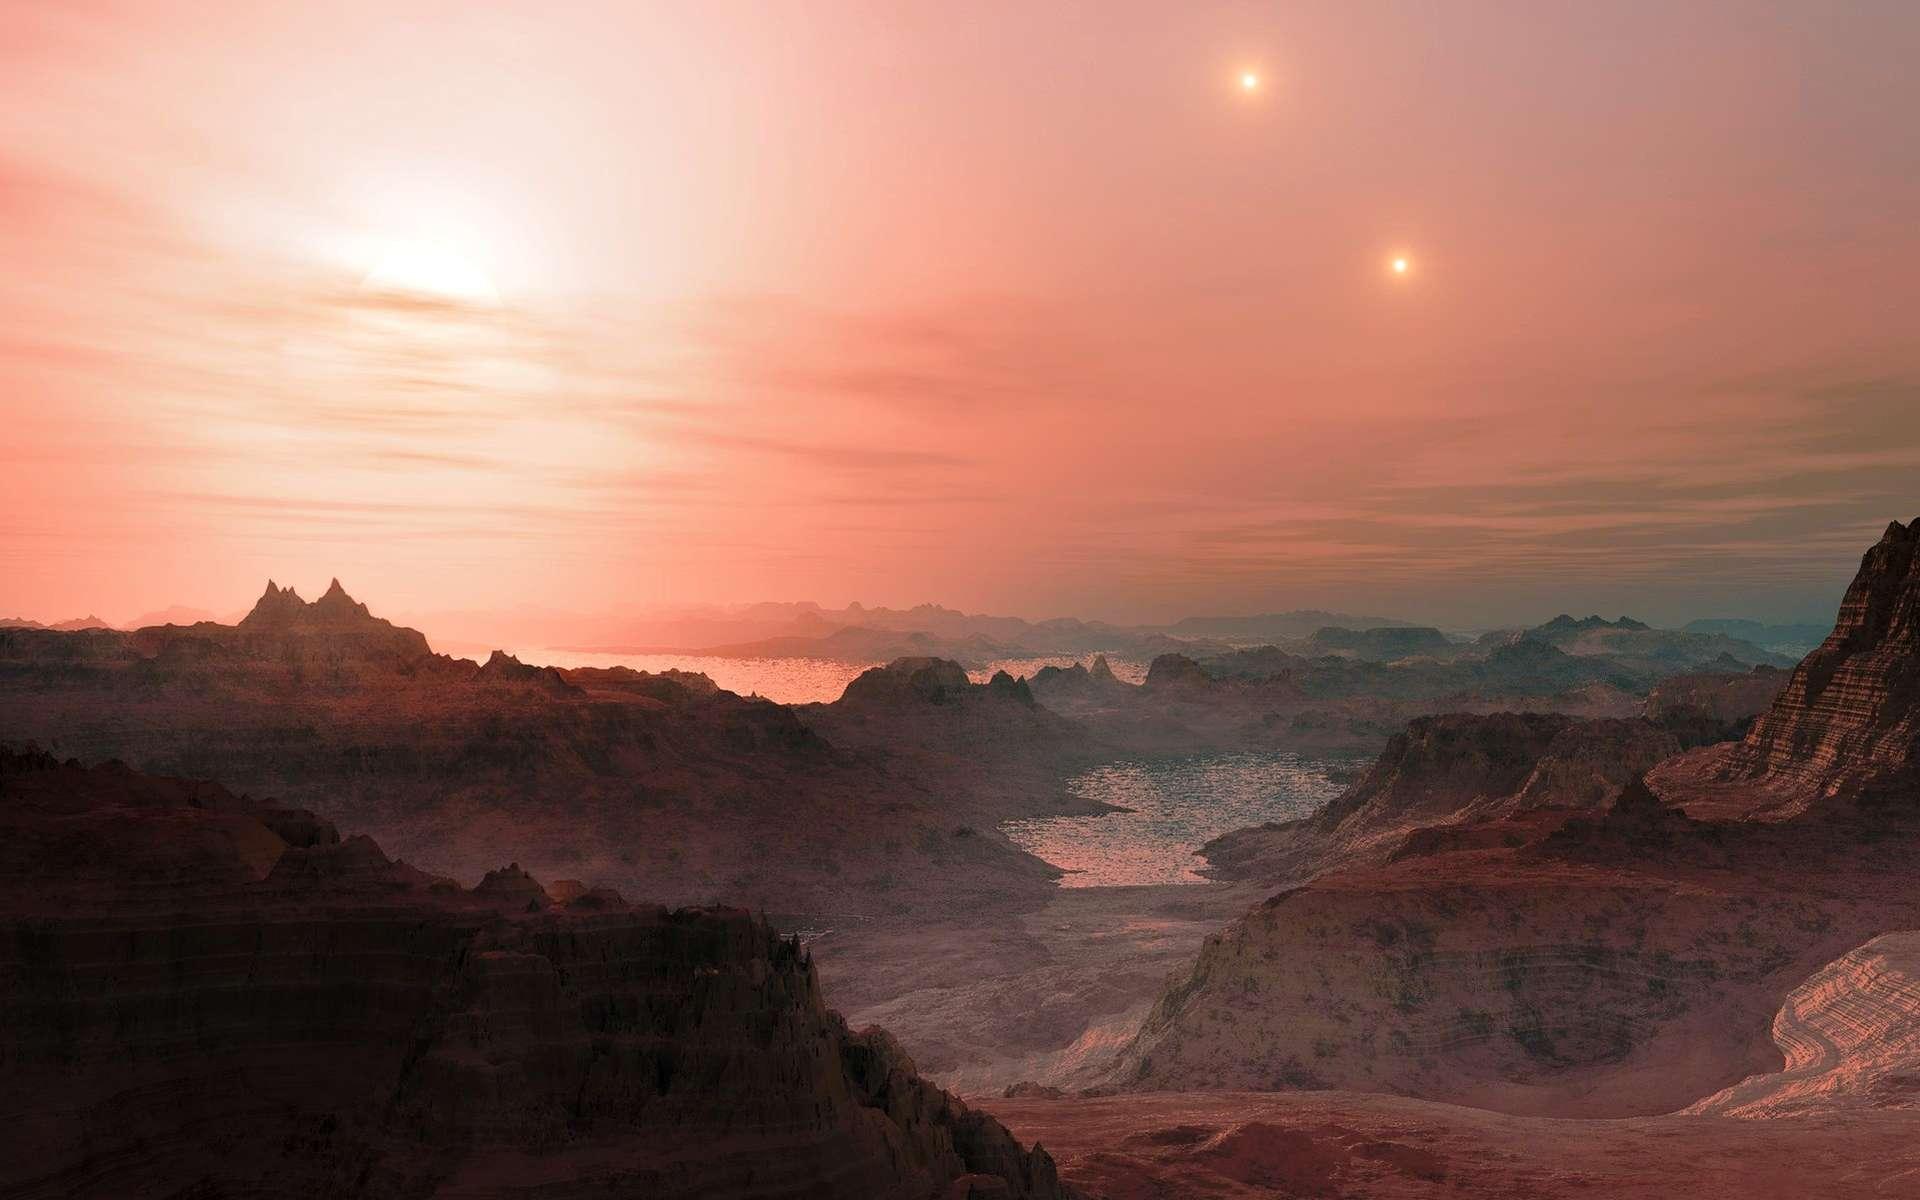 Vue d'artiste d'une planète habitable comme il en existe peut-être autour de Proxima du Centaure, une naine rouge. On peut voir deux étoiles au loin car cette naine rouge fait partie d'un système triple d'étoiles. © ESO/L. Calçada